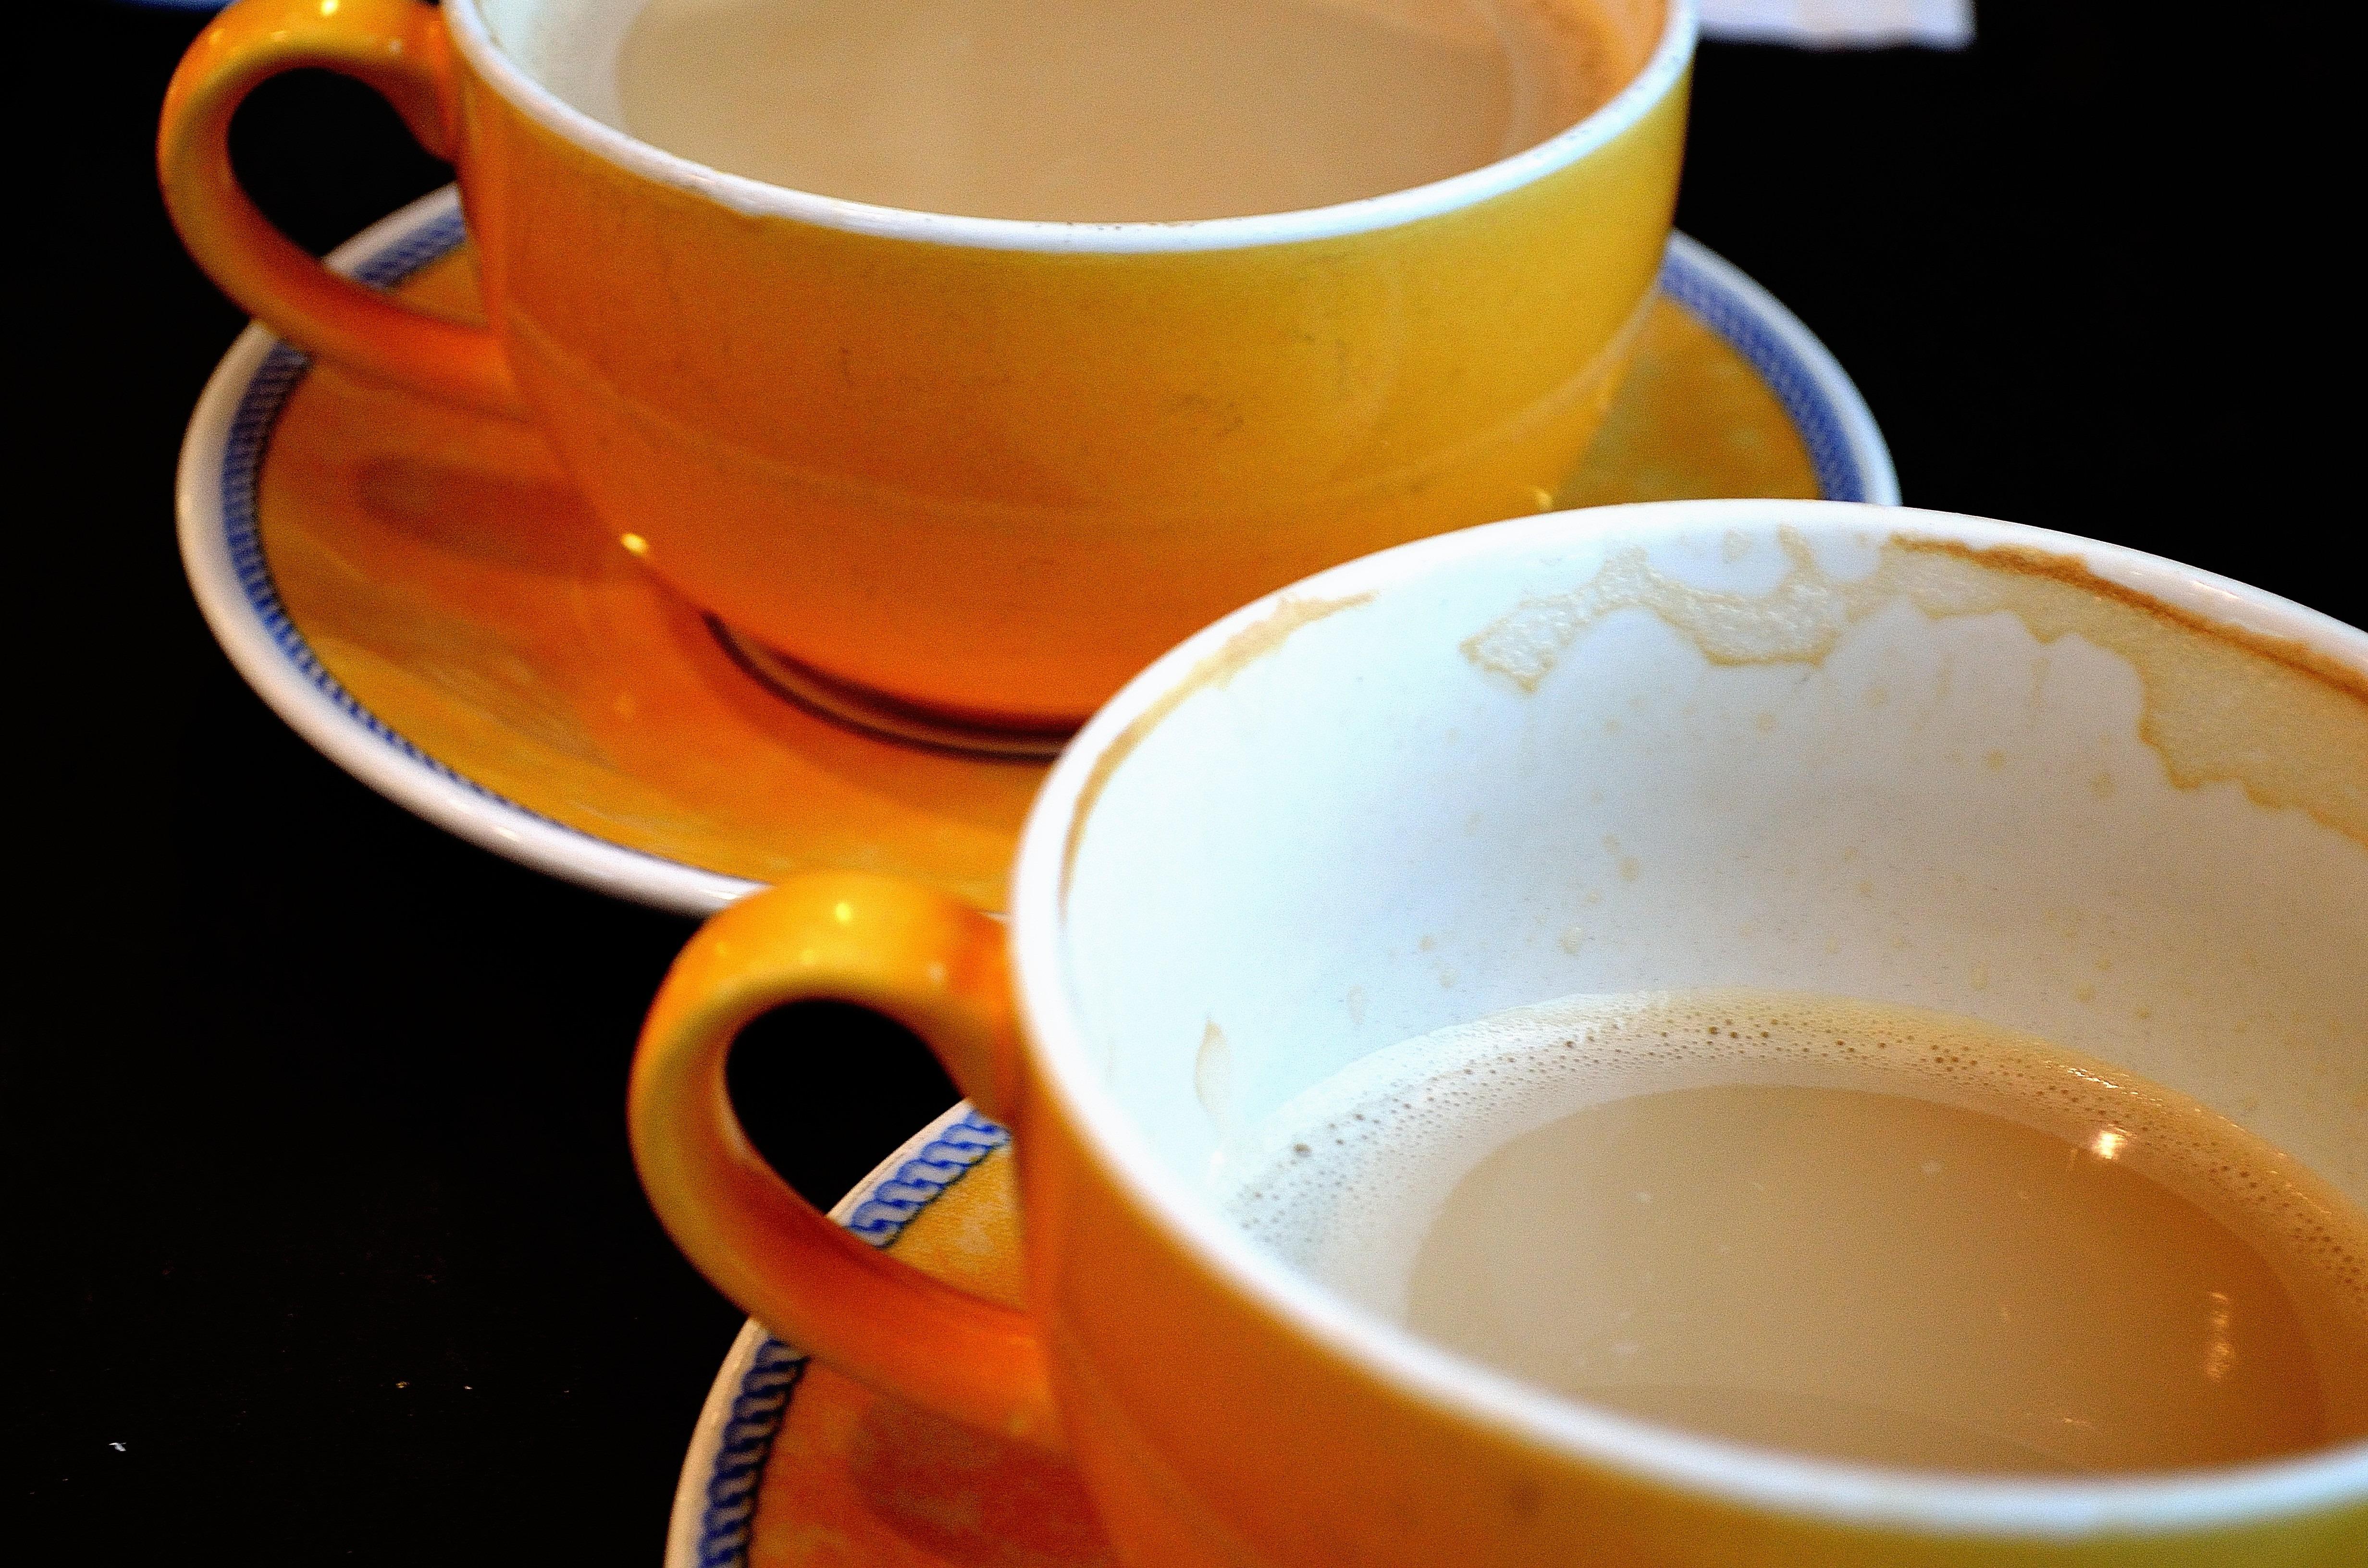 Portuguese Milky coffee